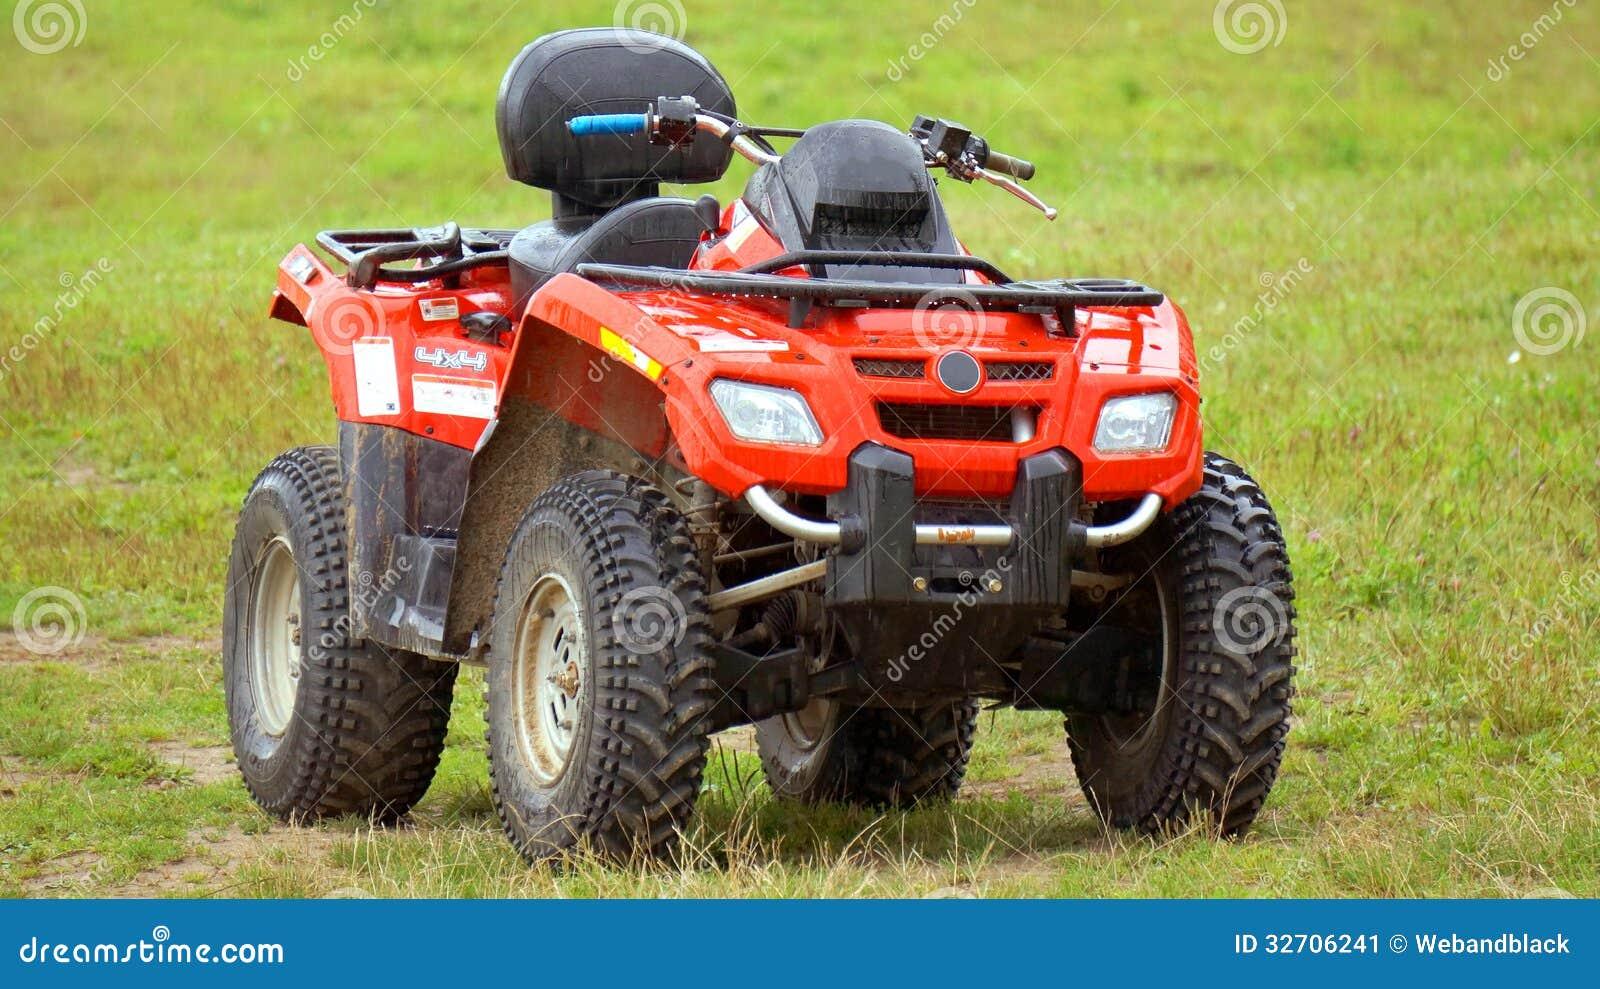 Quadruple ATV